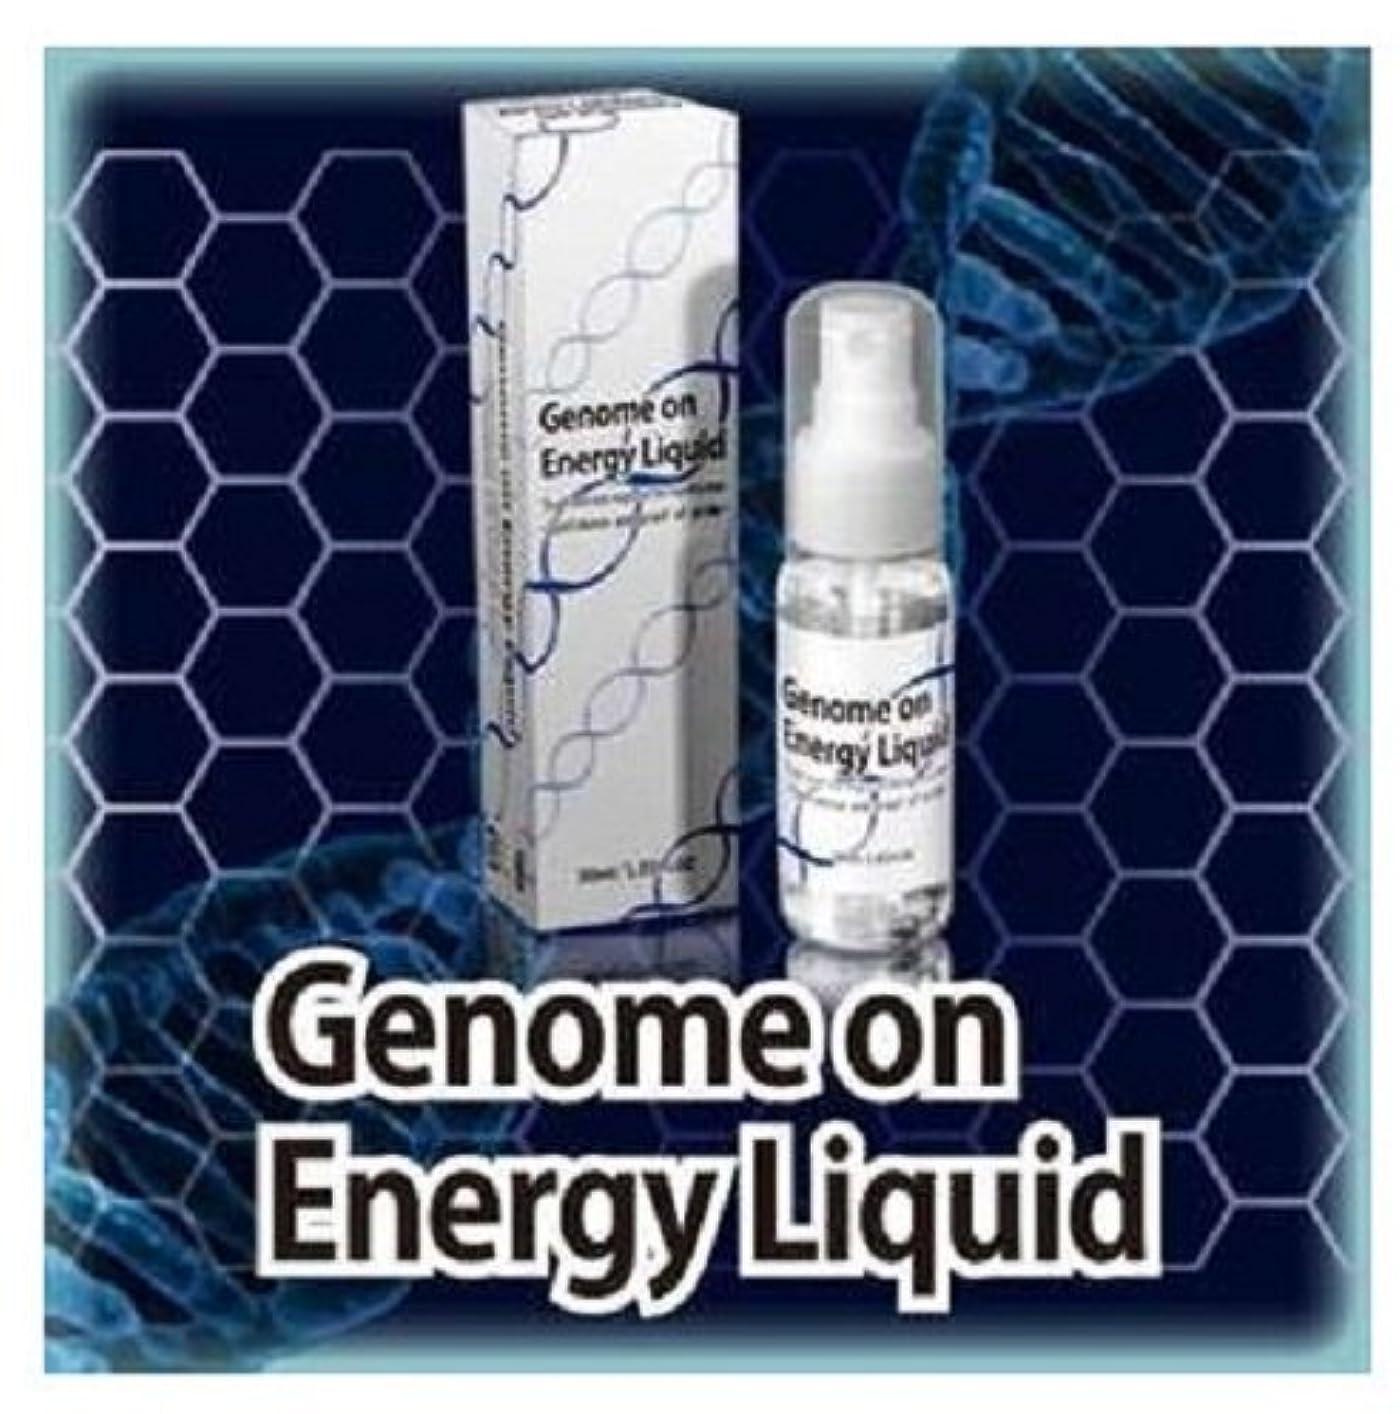 防止剛性生息地ゲノムオンエナジーリキッド Genome on Energy Liquid